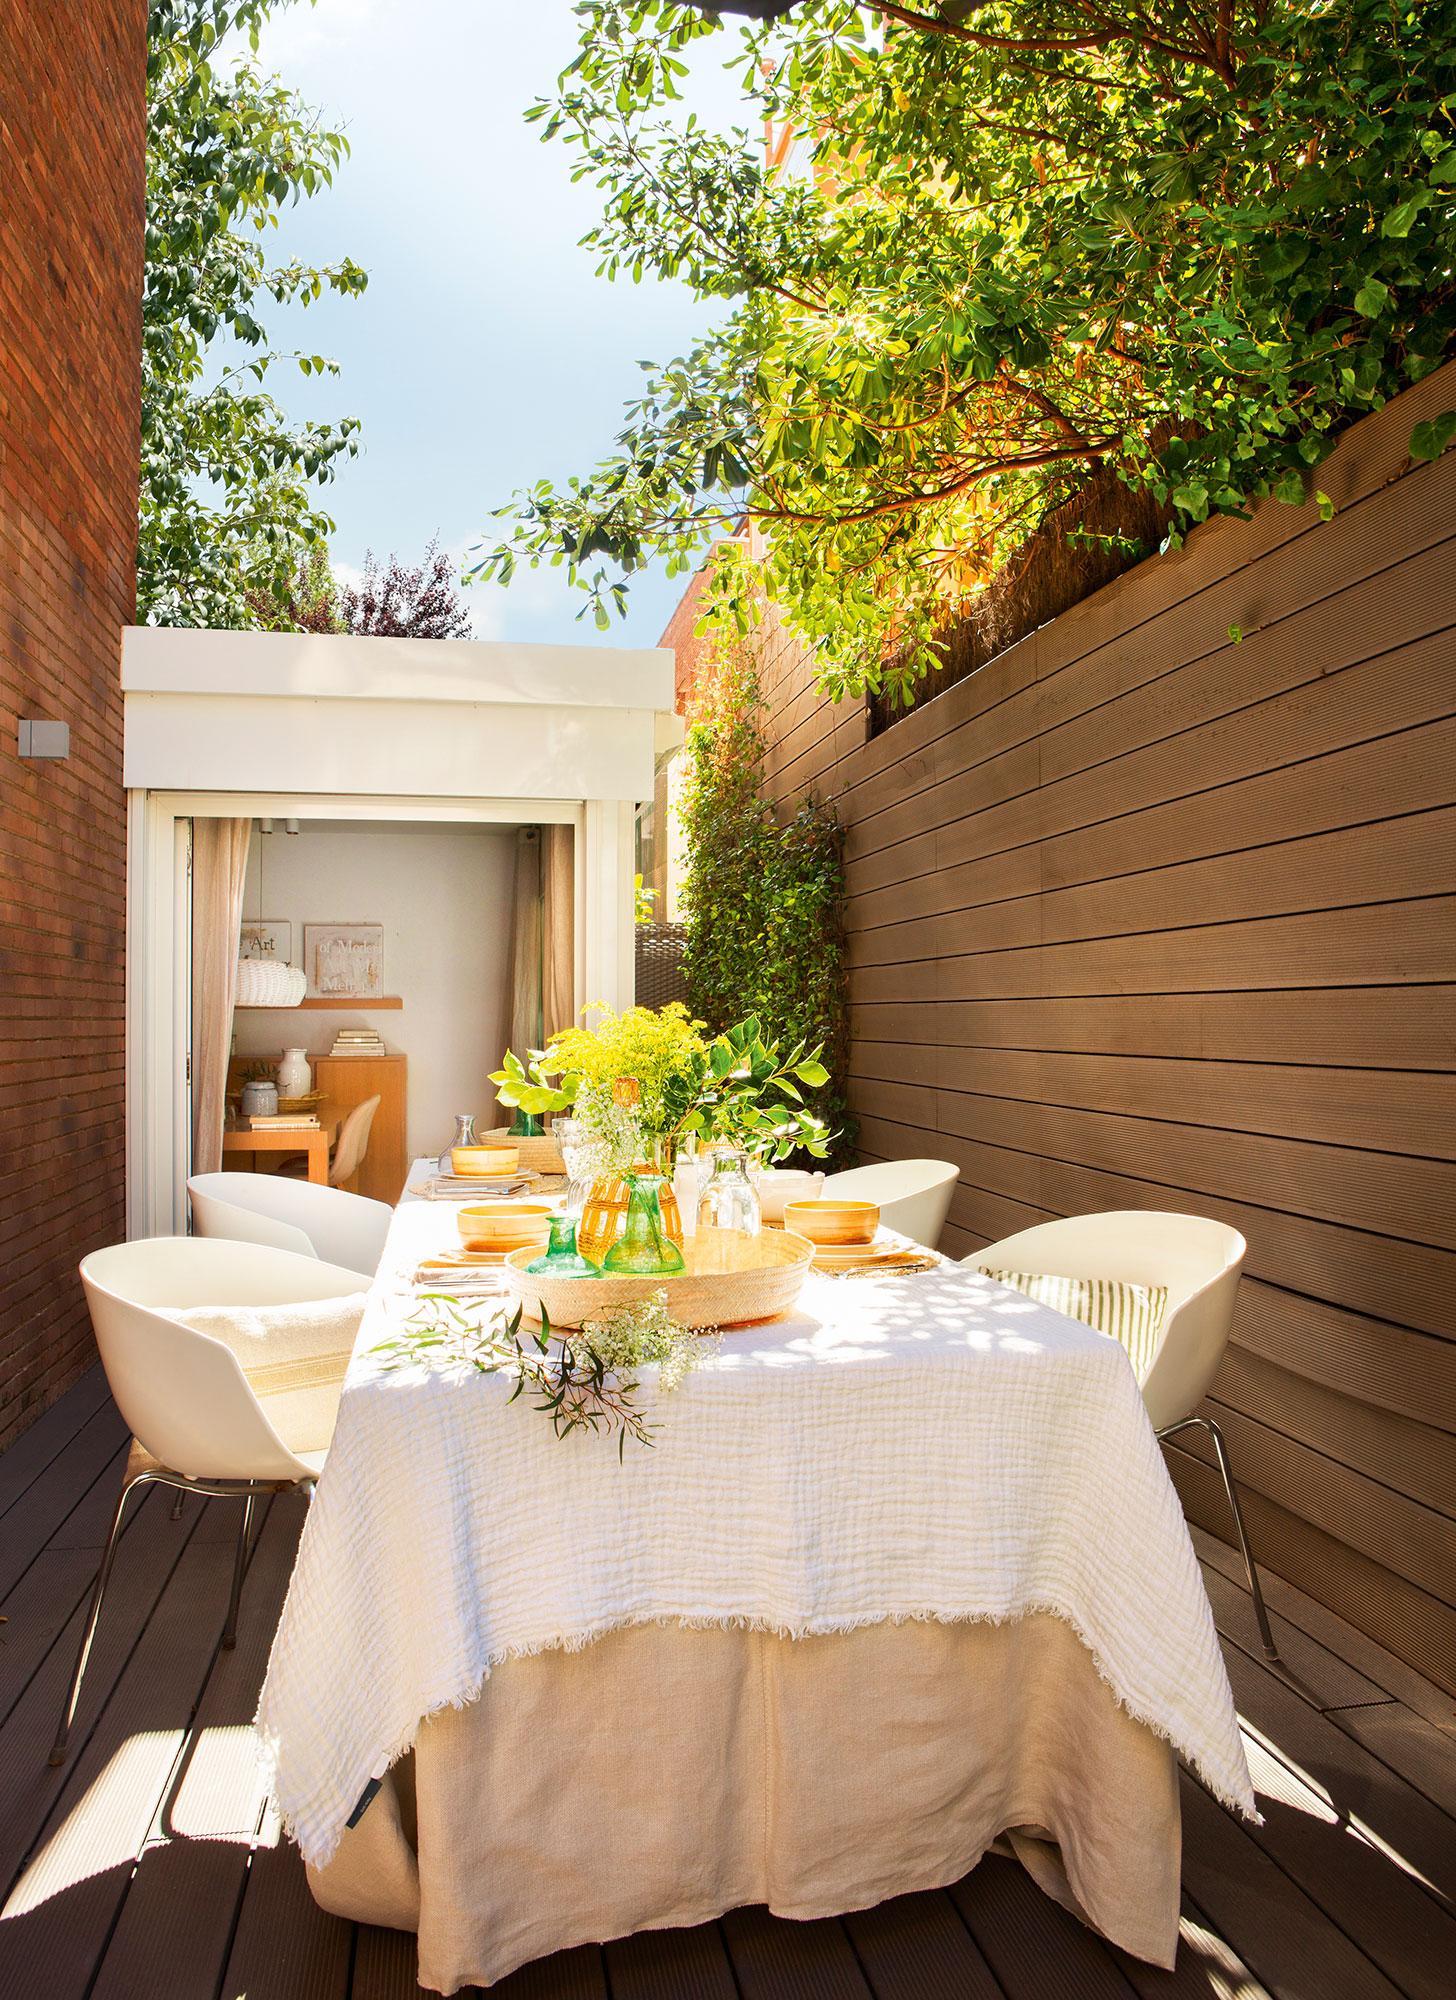 Patios y terrazas oasis de paz y tranquilidad sin salir de casa - Decorar patios interiores ...